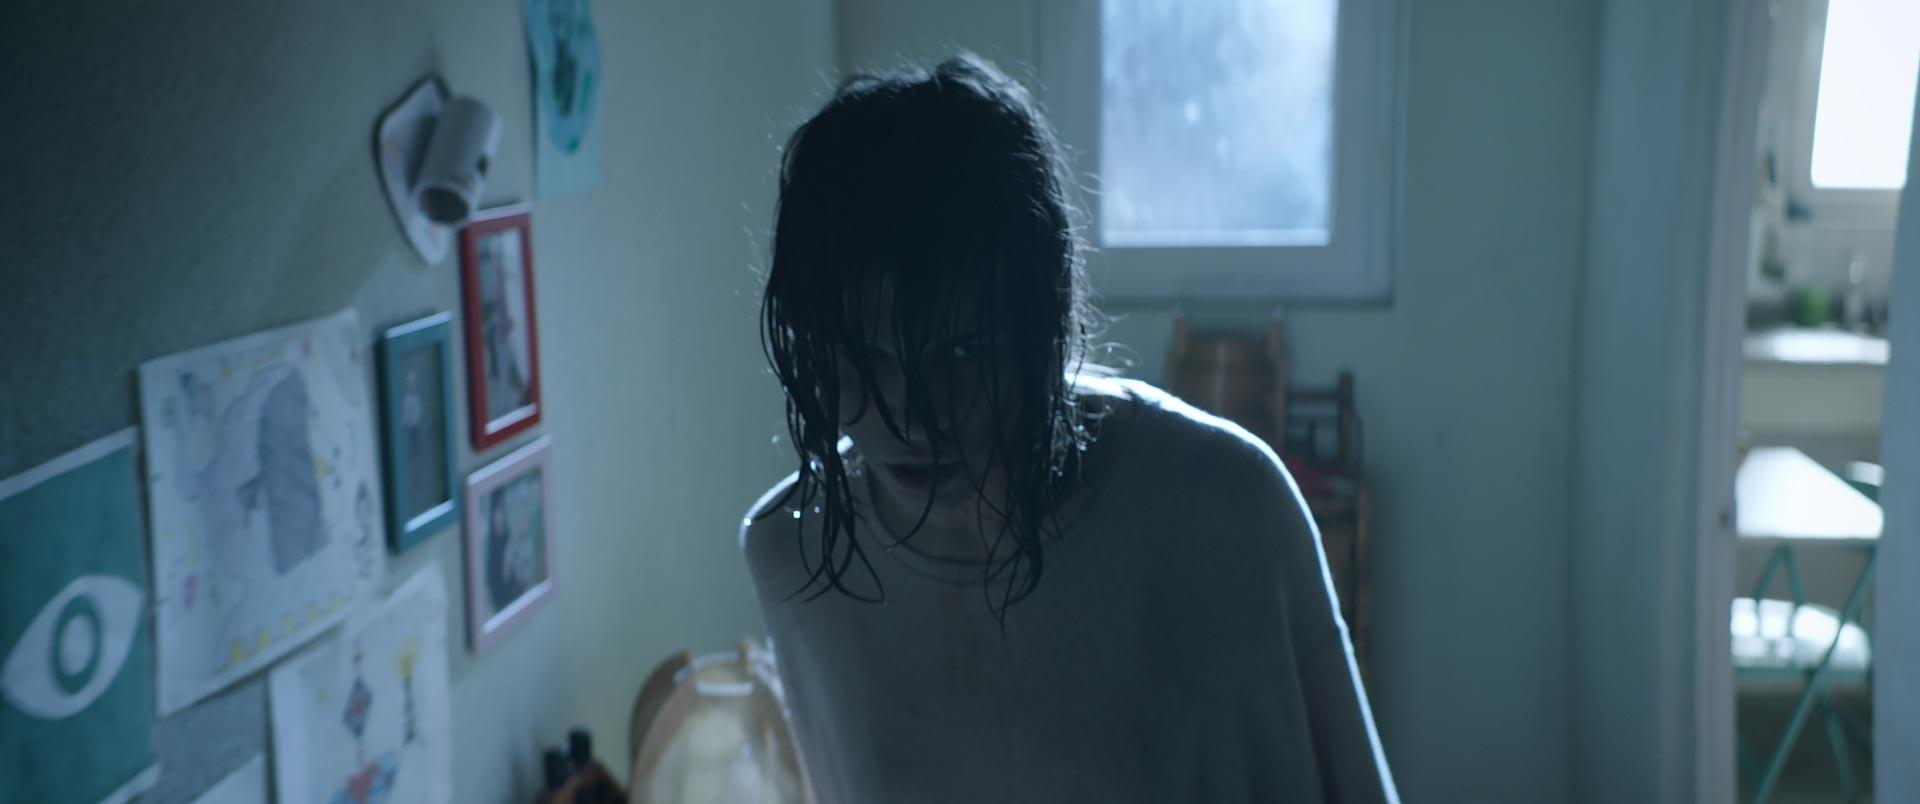 La actriz Ana Ularo en una escena de la película Musa.